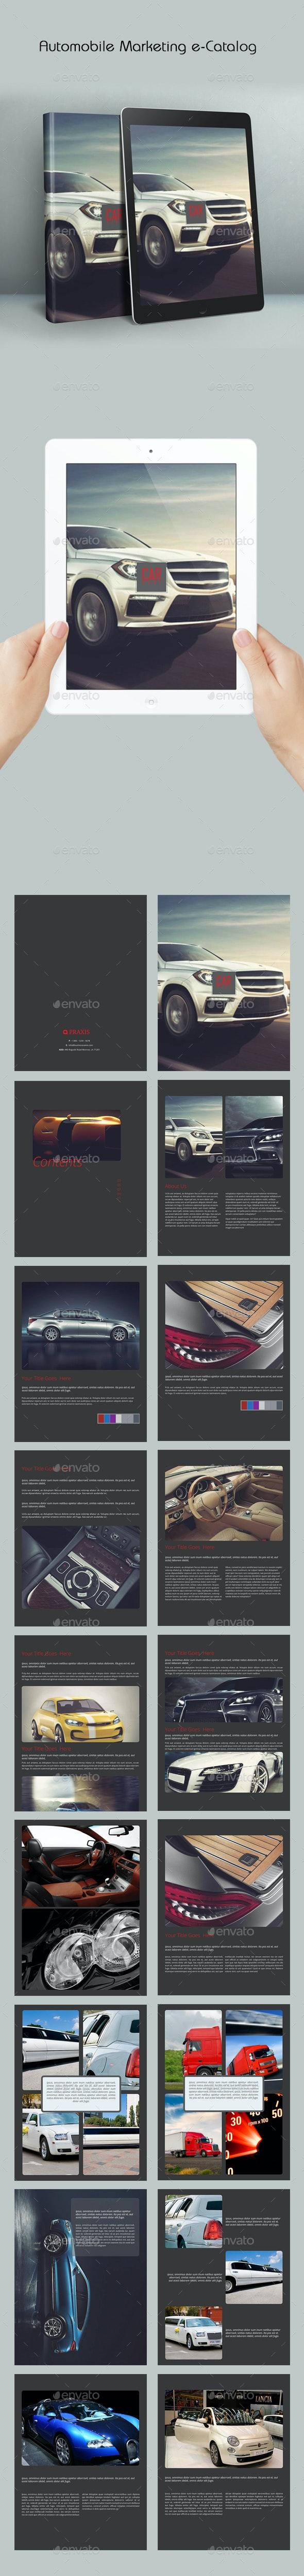 Automobile Marketing e-Catalog